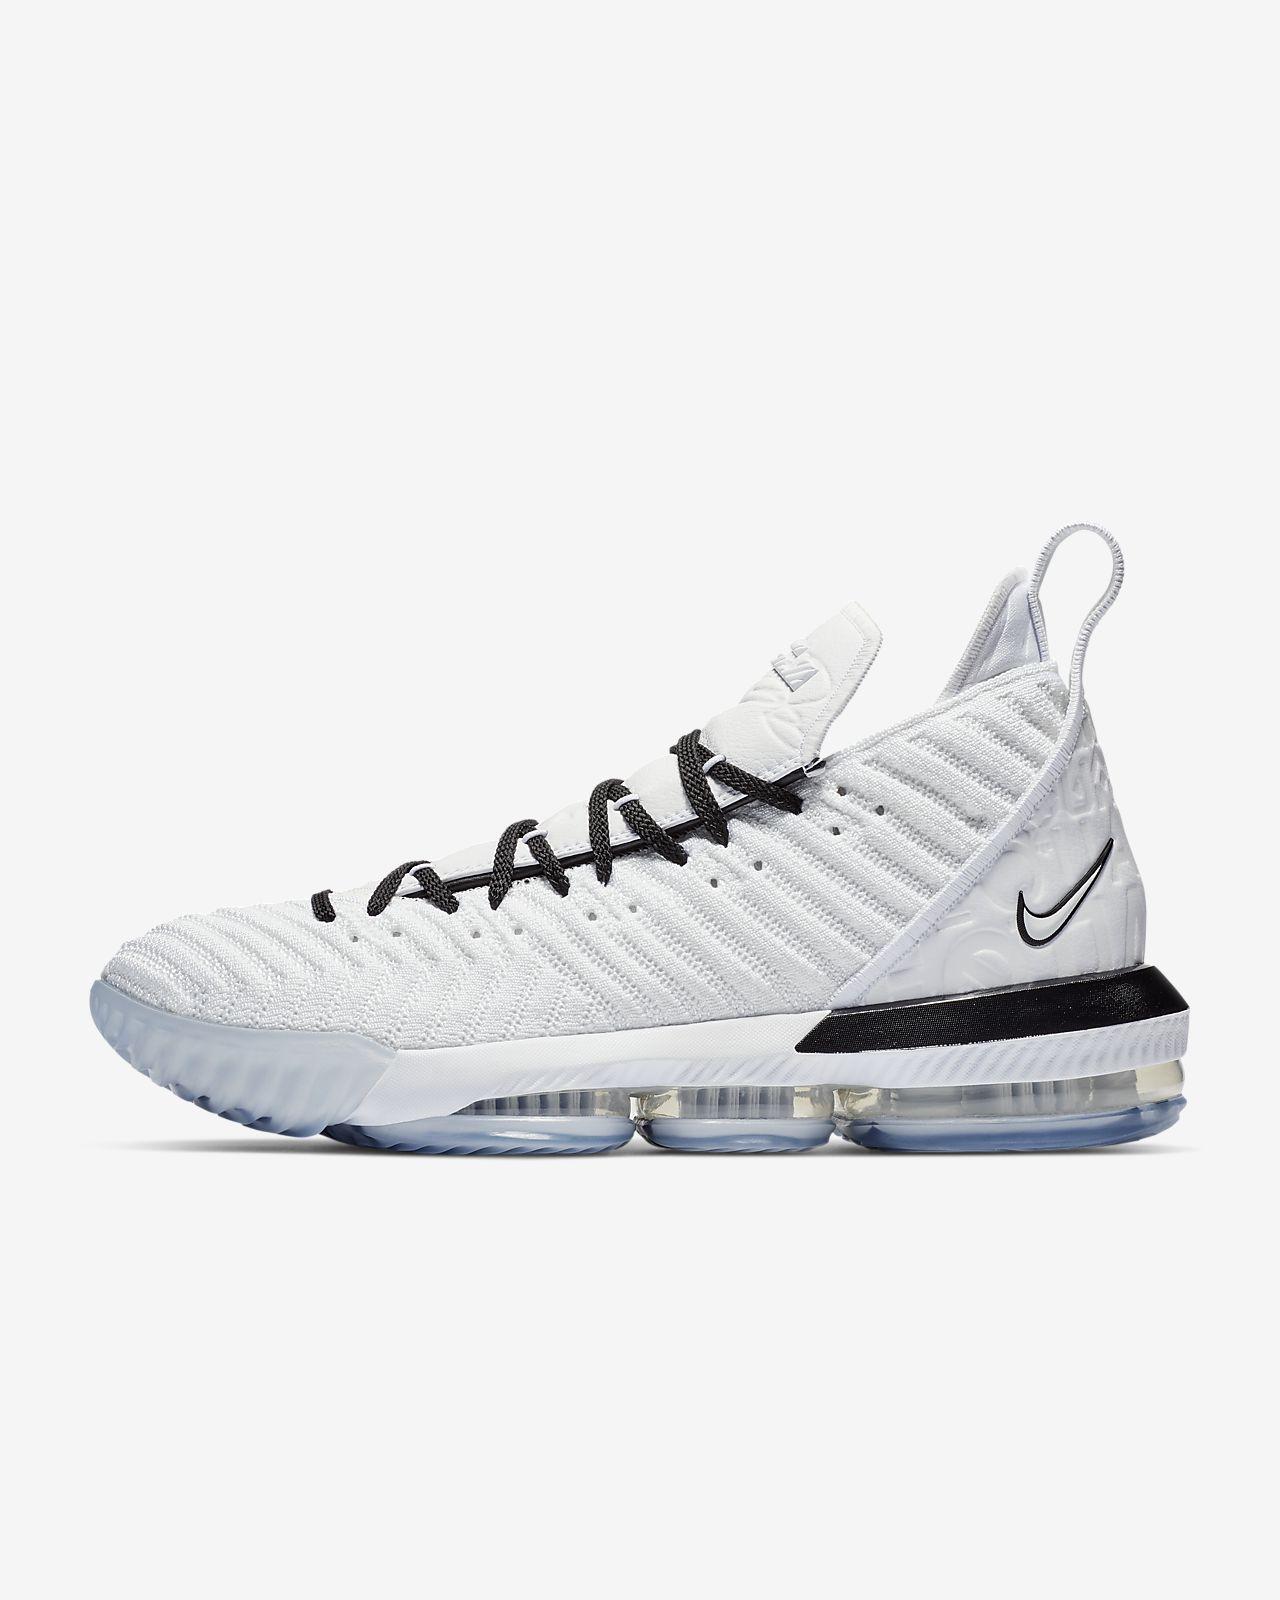 รองเท้าบาสเก็ตบอล LeBron 16